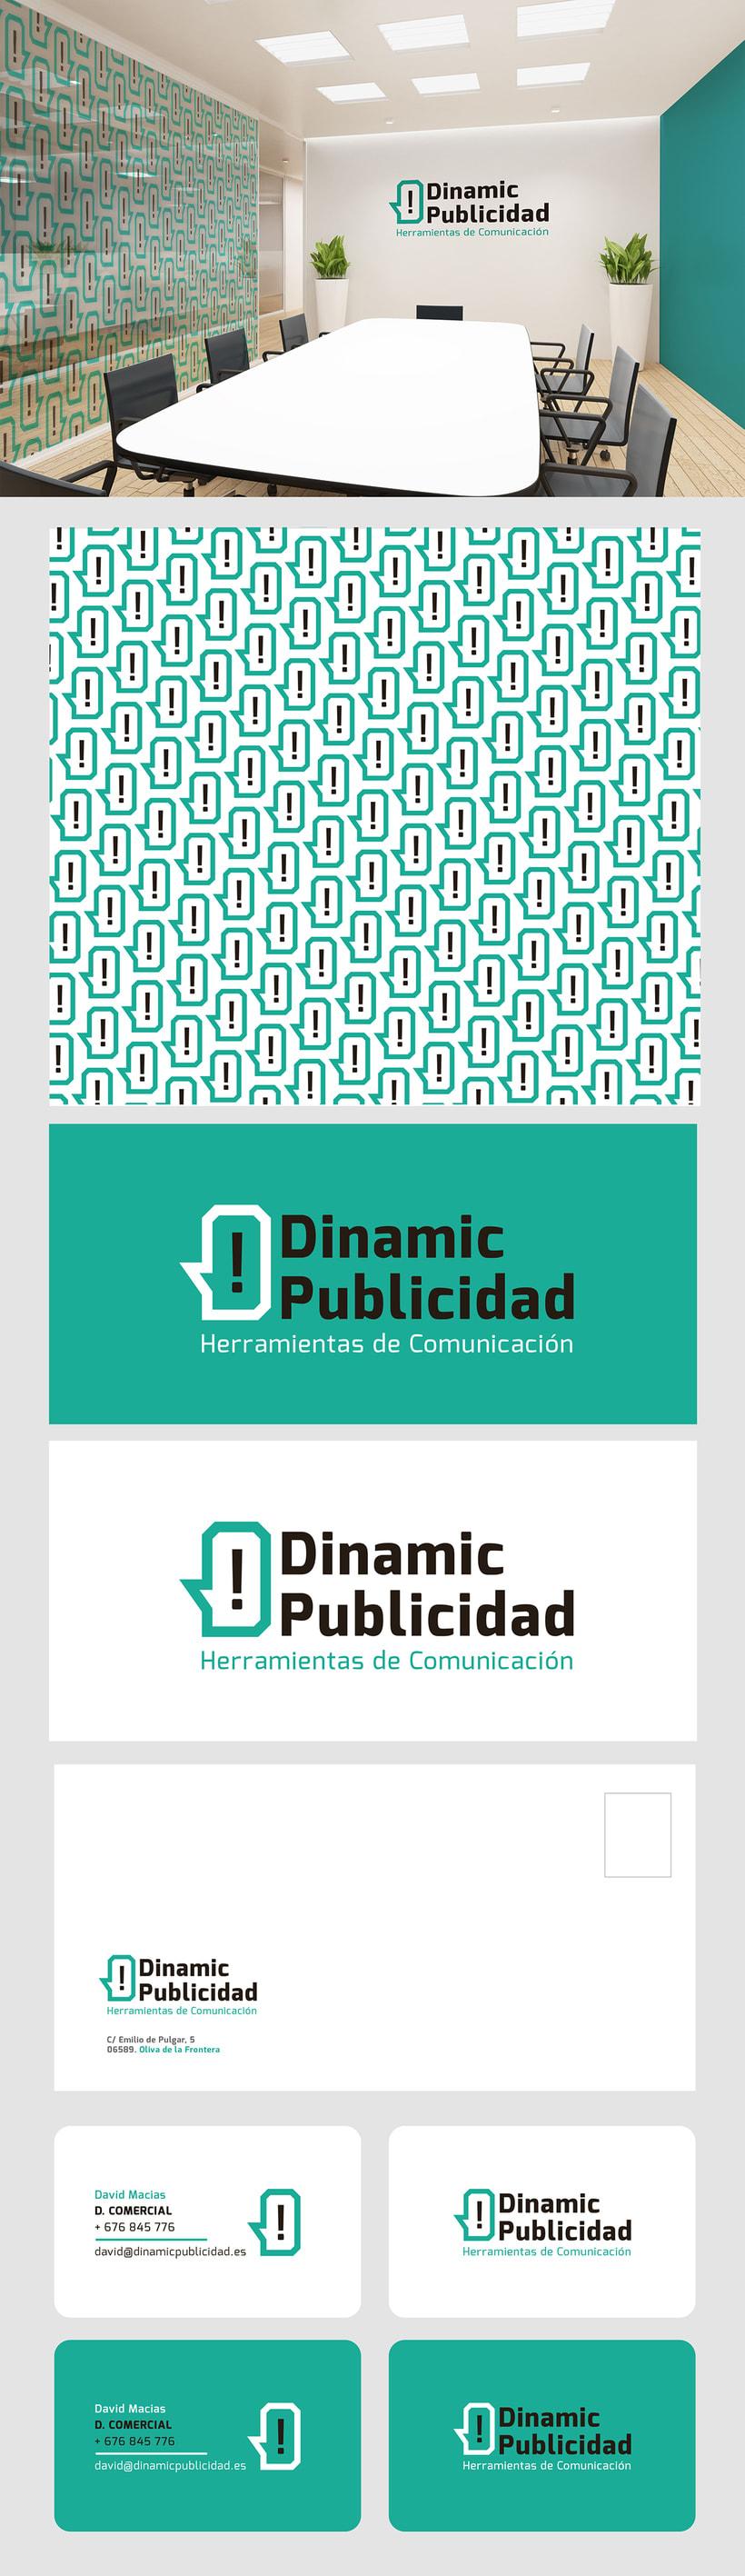 Dinamic Publicidad. Identidad Corporativa -1